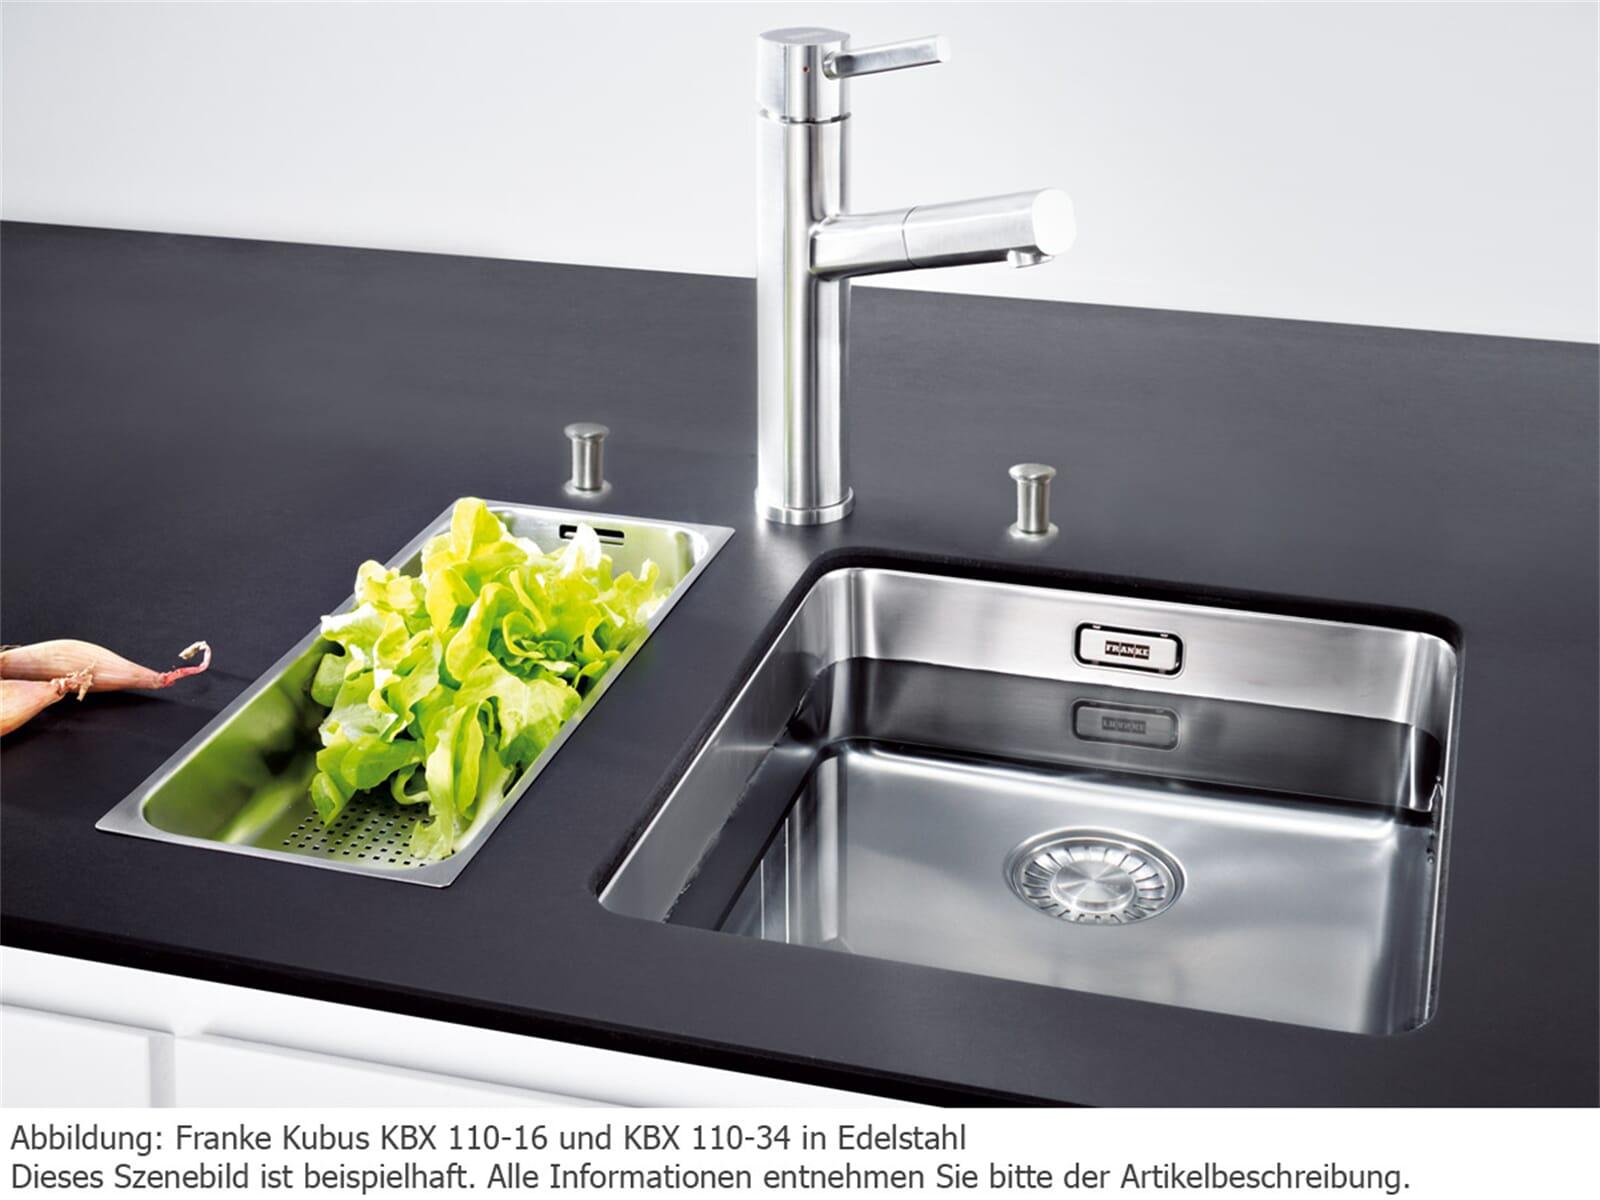 Franke Kubus KBX 110-34 Edelstahlspüle glatt - 122.0382.874